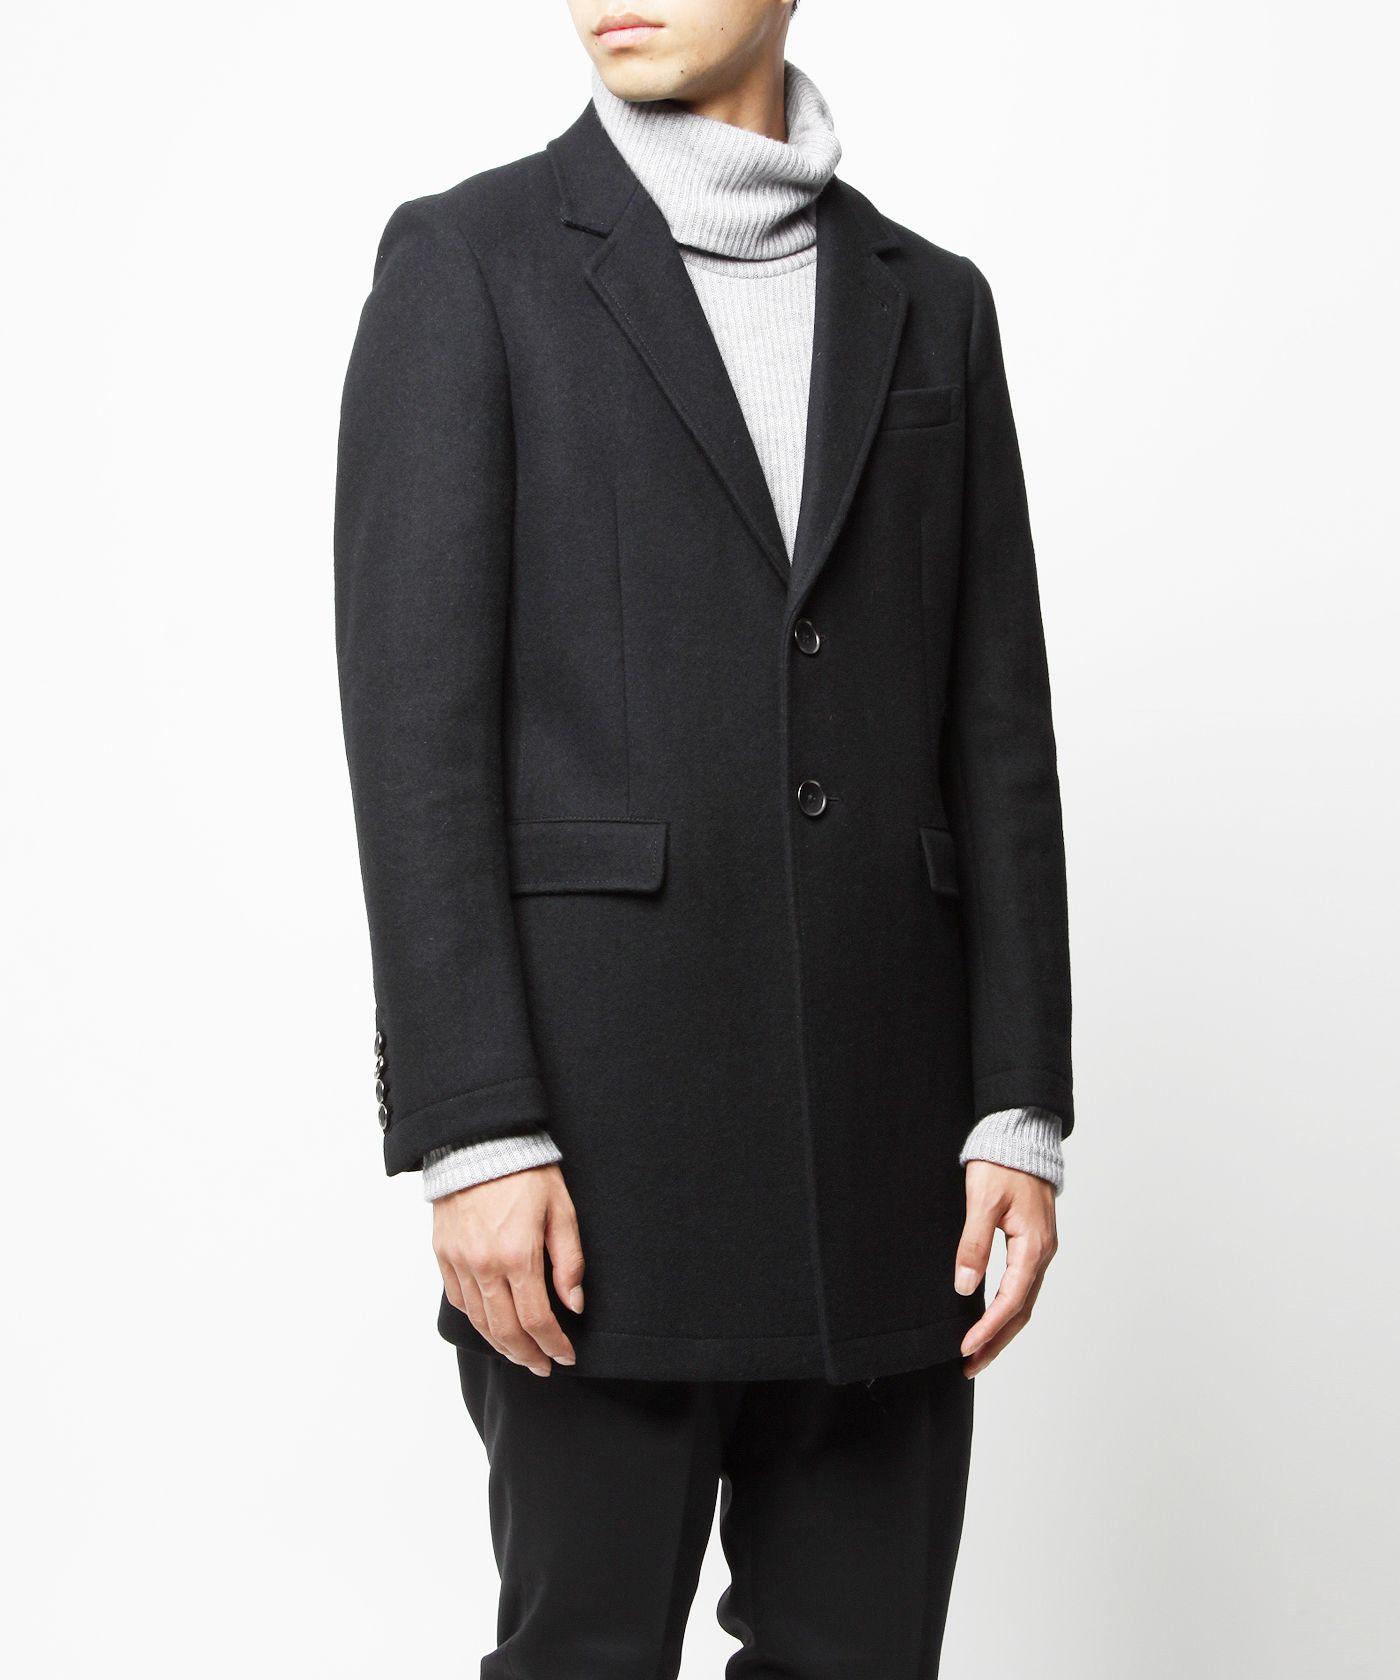 【Pコート?モッズコート?どんな形?どんな着方がいいの?】アウター、コートの基礎知識 | 【最も早くオシャレになる方法】現役メンズファッションバイヤーが伝える洋服の「知り方」/ Knower Mag